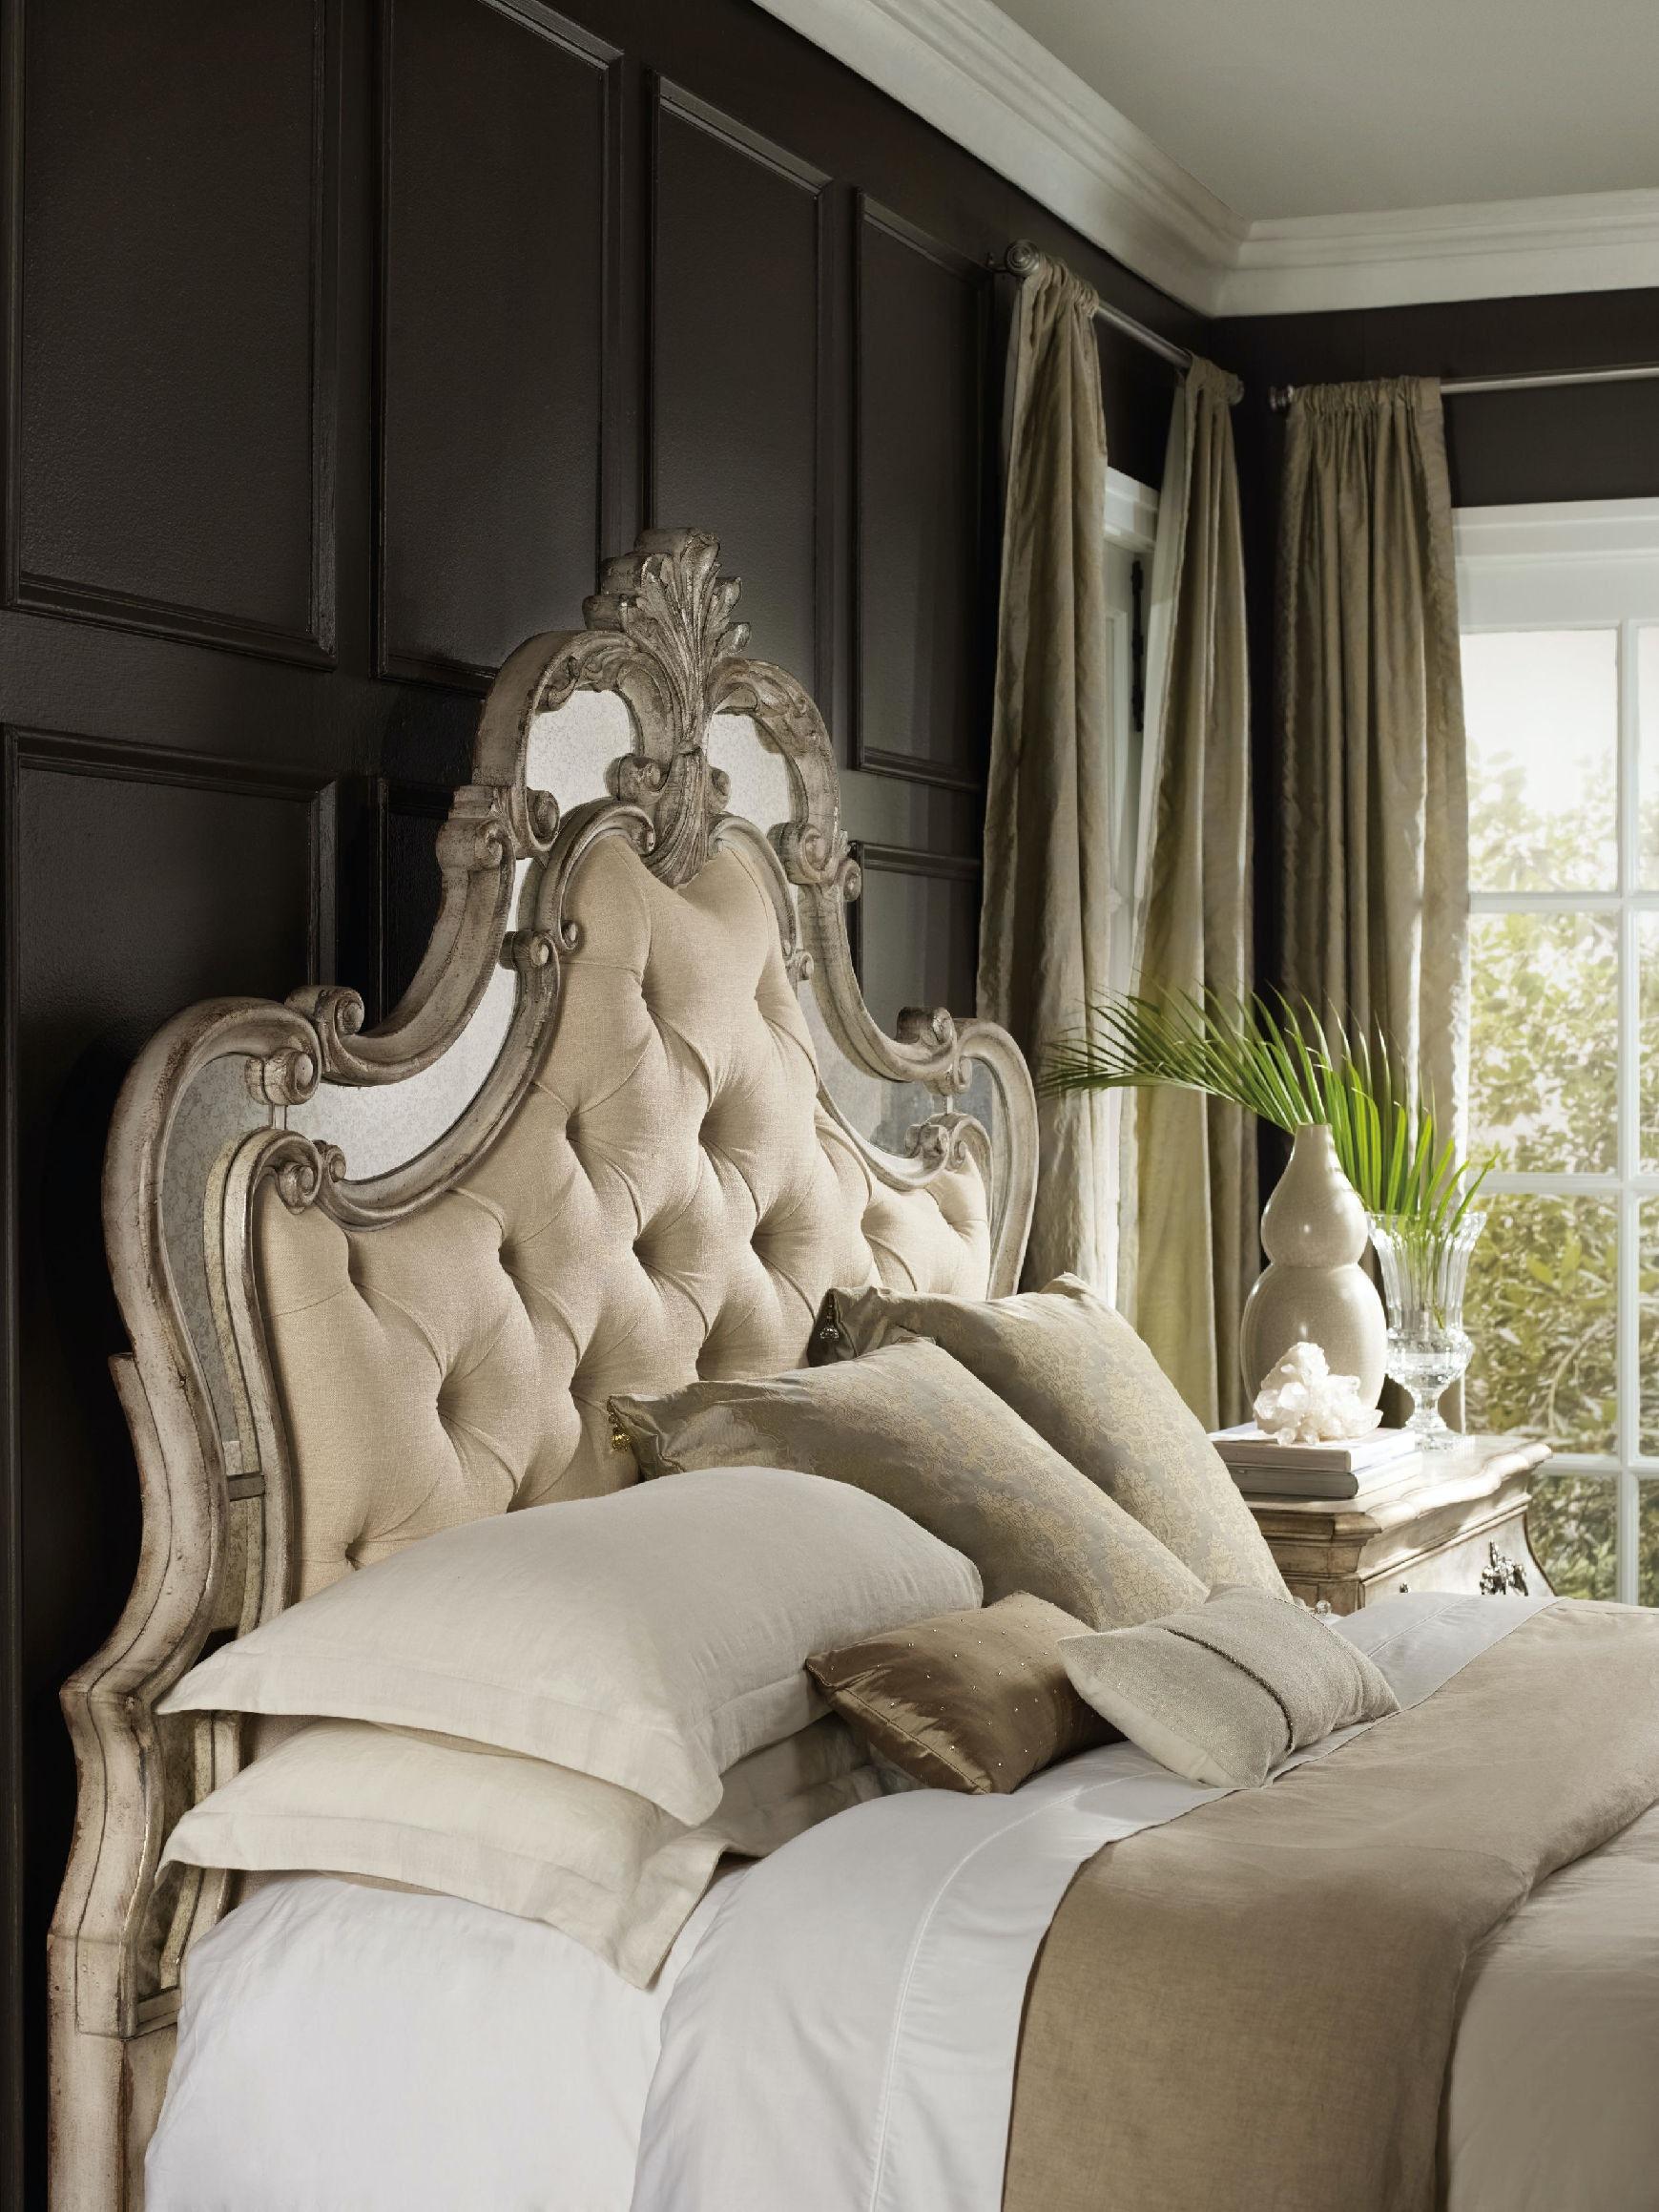 Hooker Furniture Sanctuary King Upholstered Bed 5413 90866